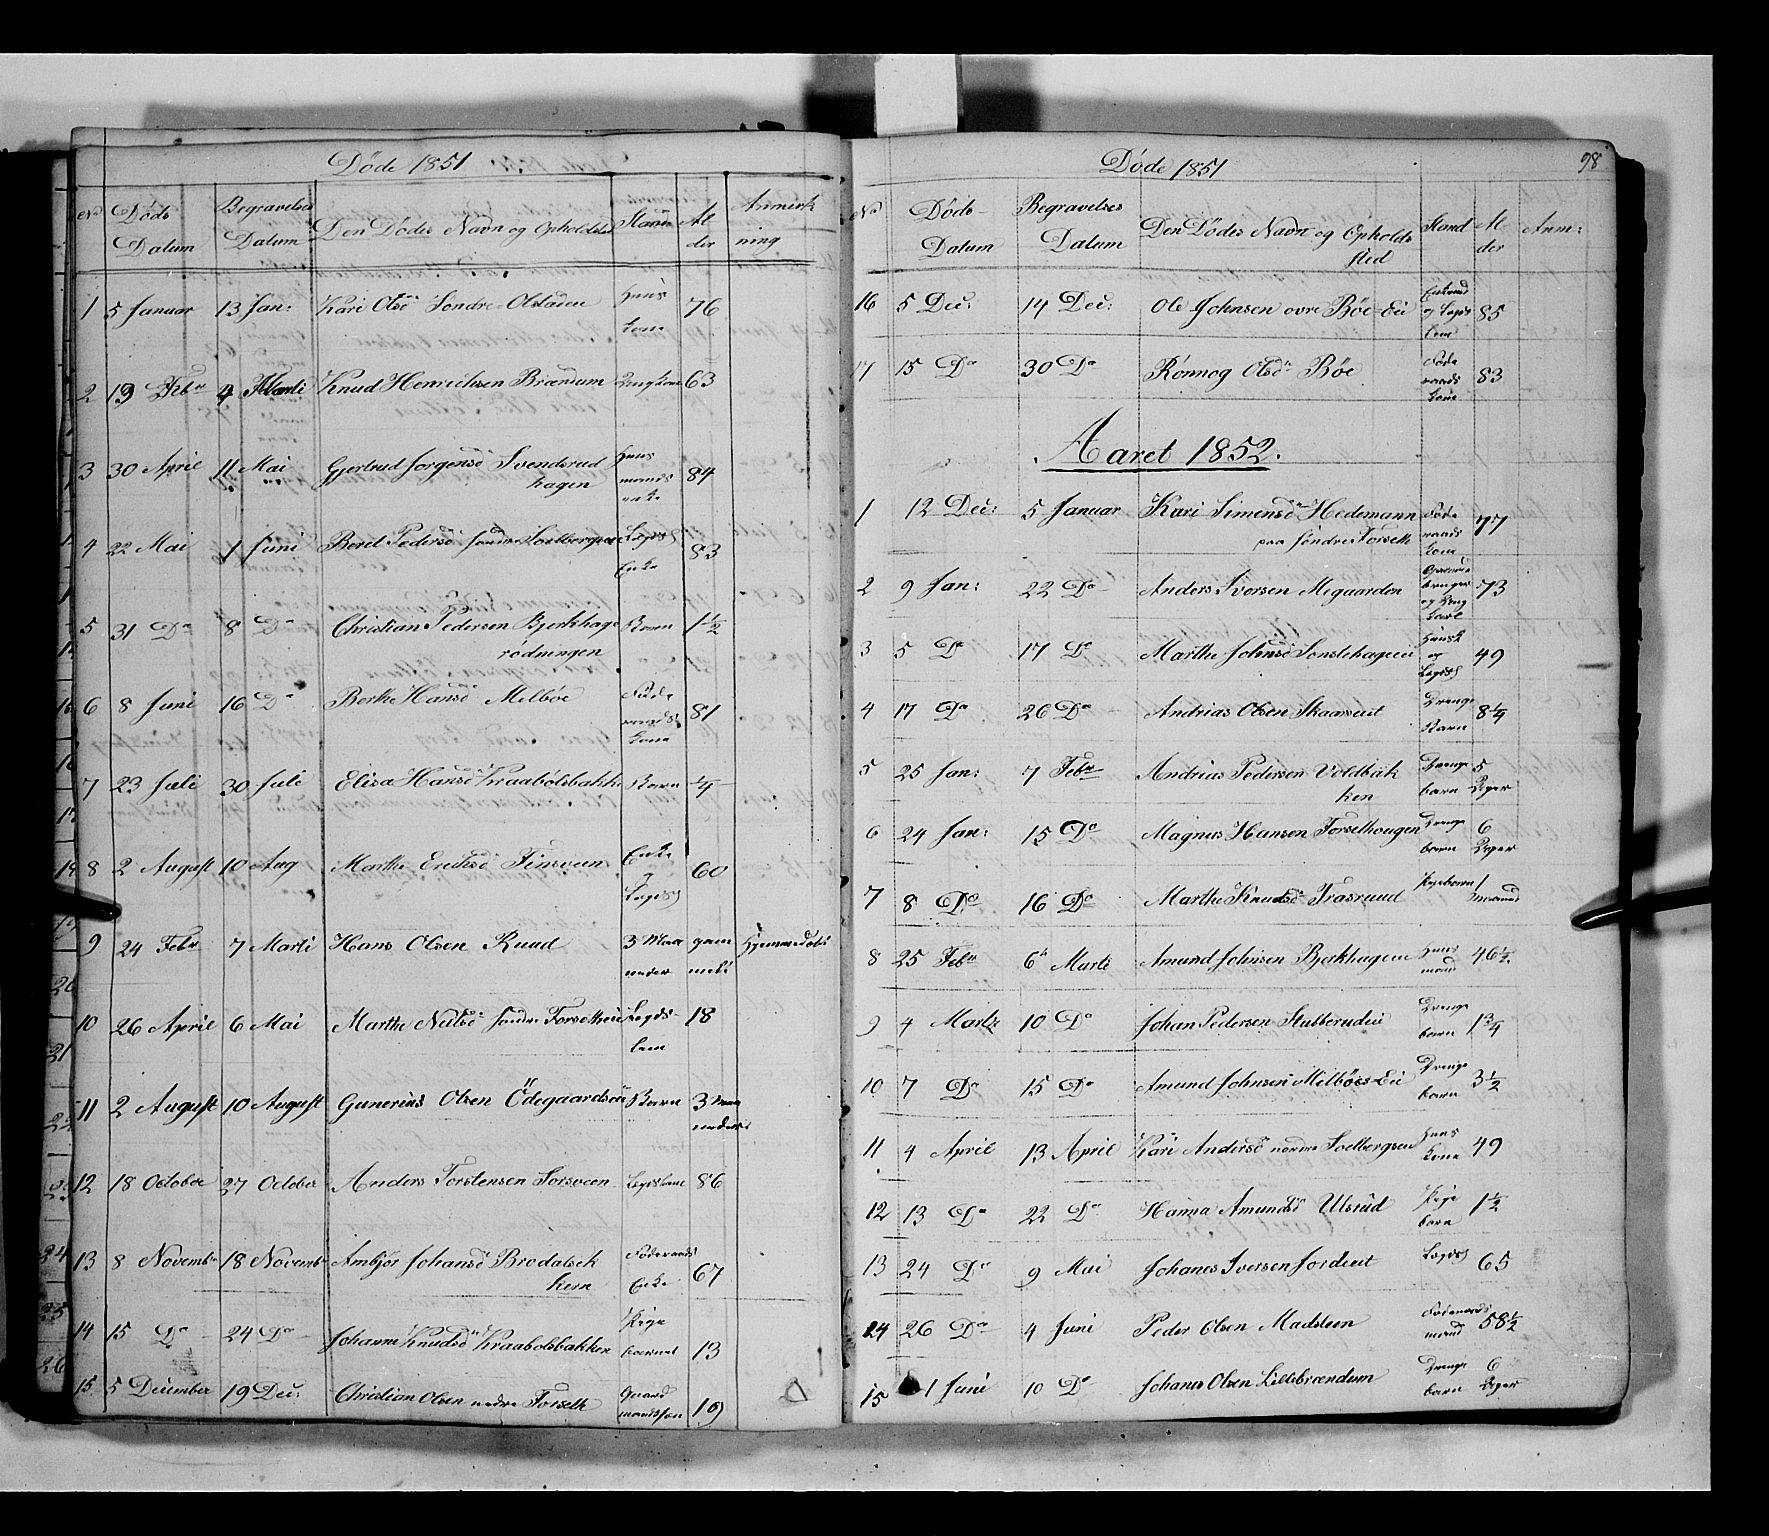 SAH, Gausdal prestekontor, Klokkerbok nr. 5, 1846-1867, s. 98